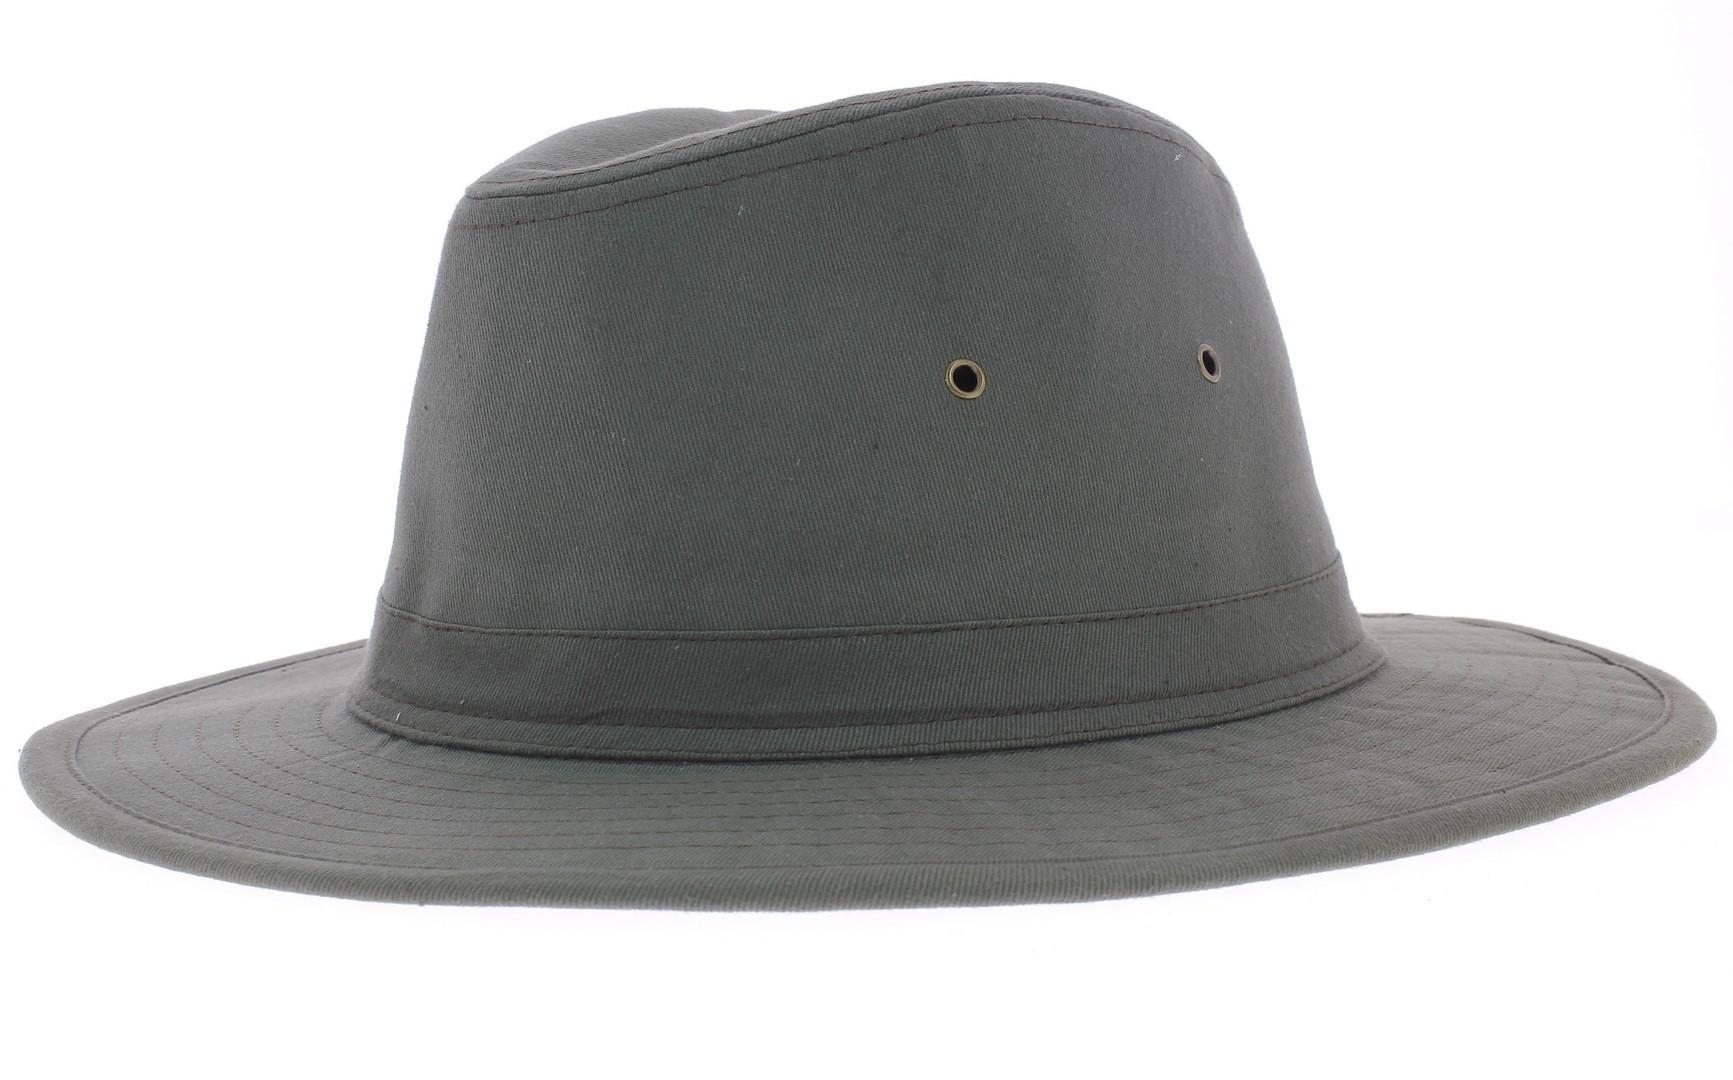 0dda208b7b232 https   www.chapellerie-traclet.com fr bonnet 3202-bonnet-a-pompon ...